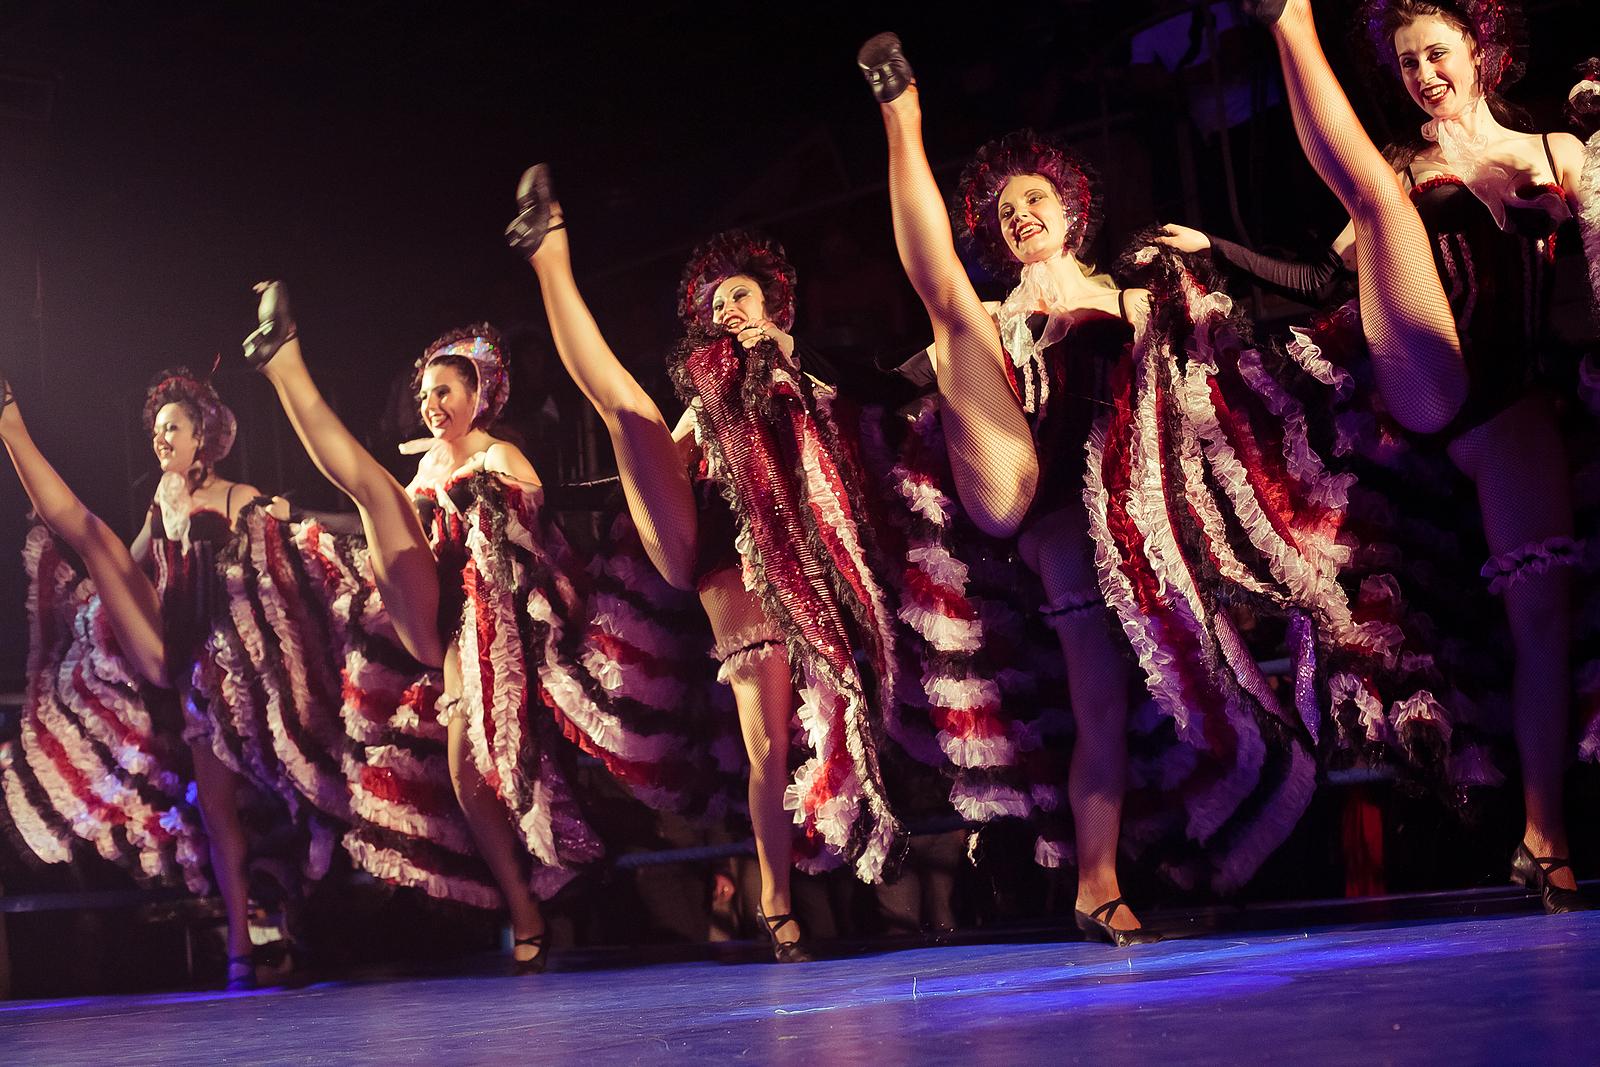 Смотреть танец канкан без трусов 4 фотография